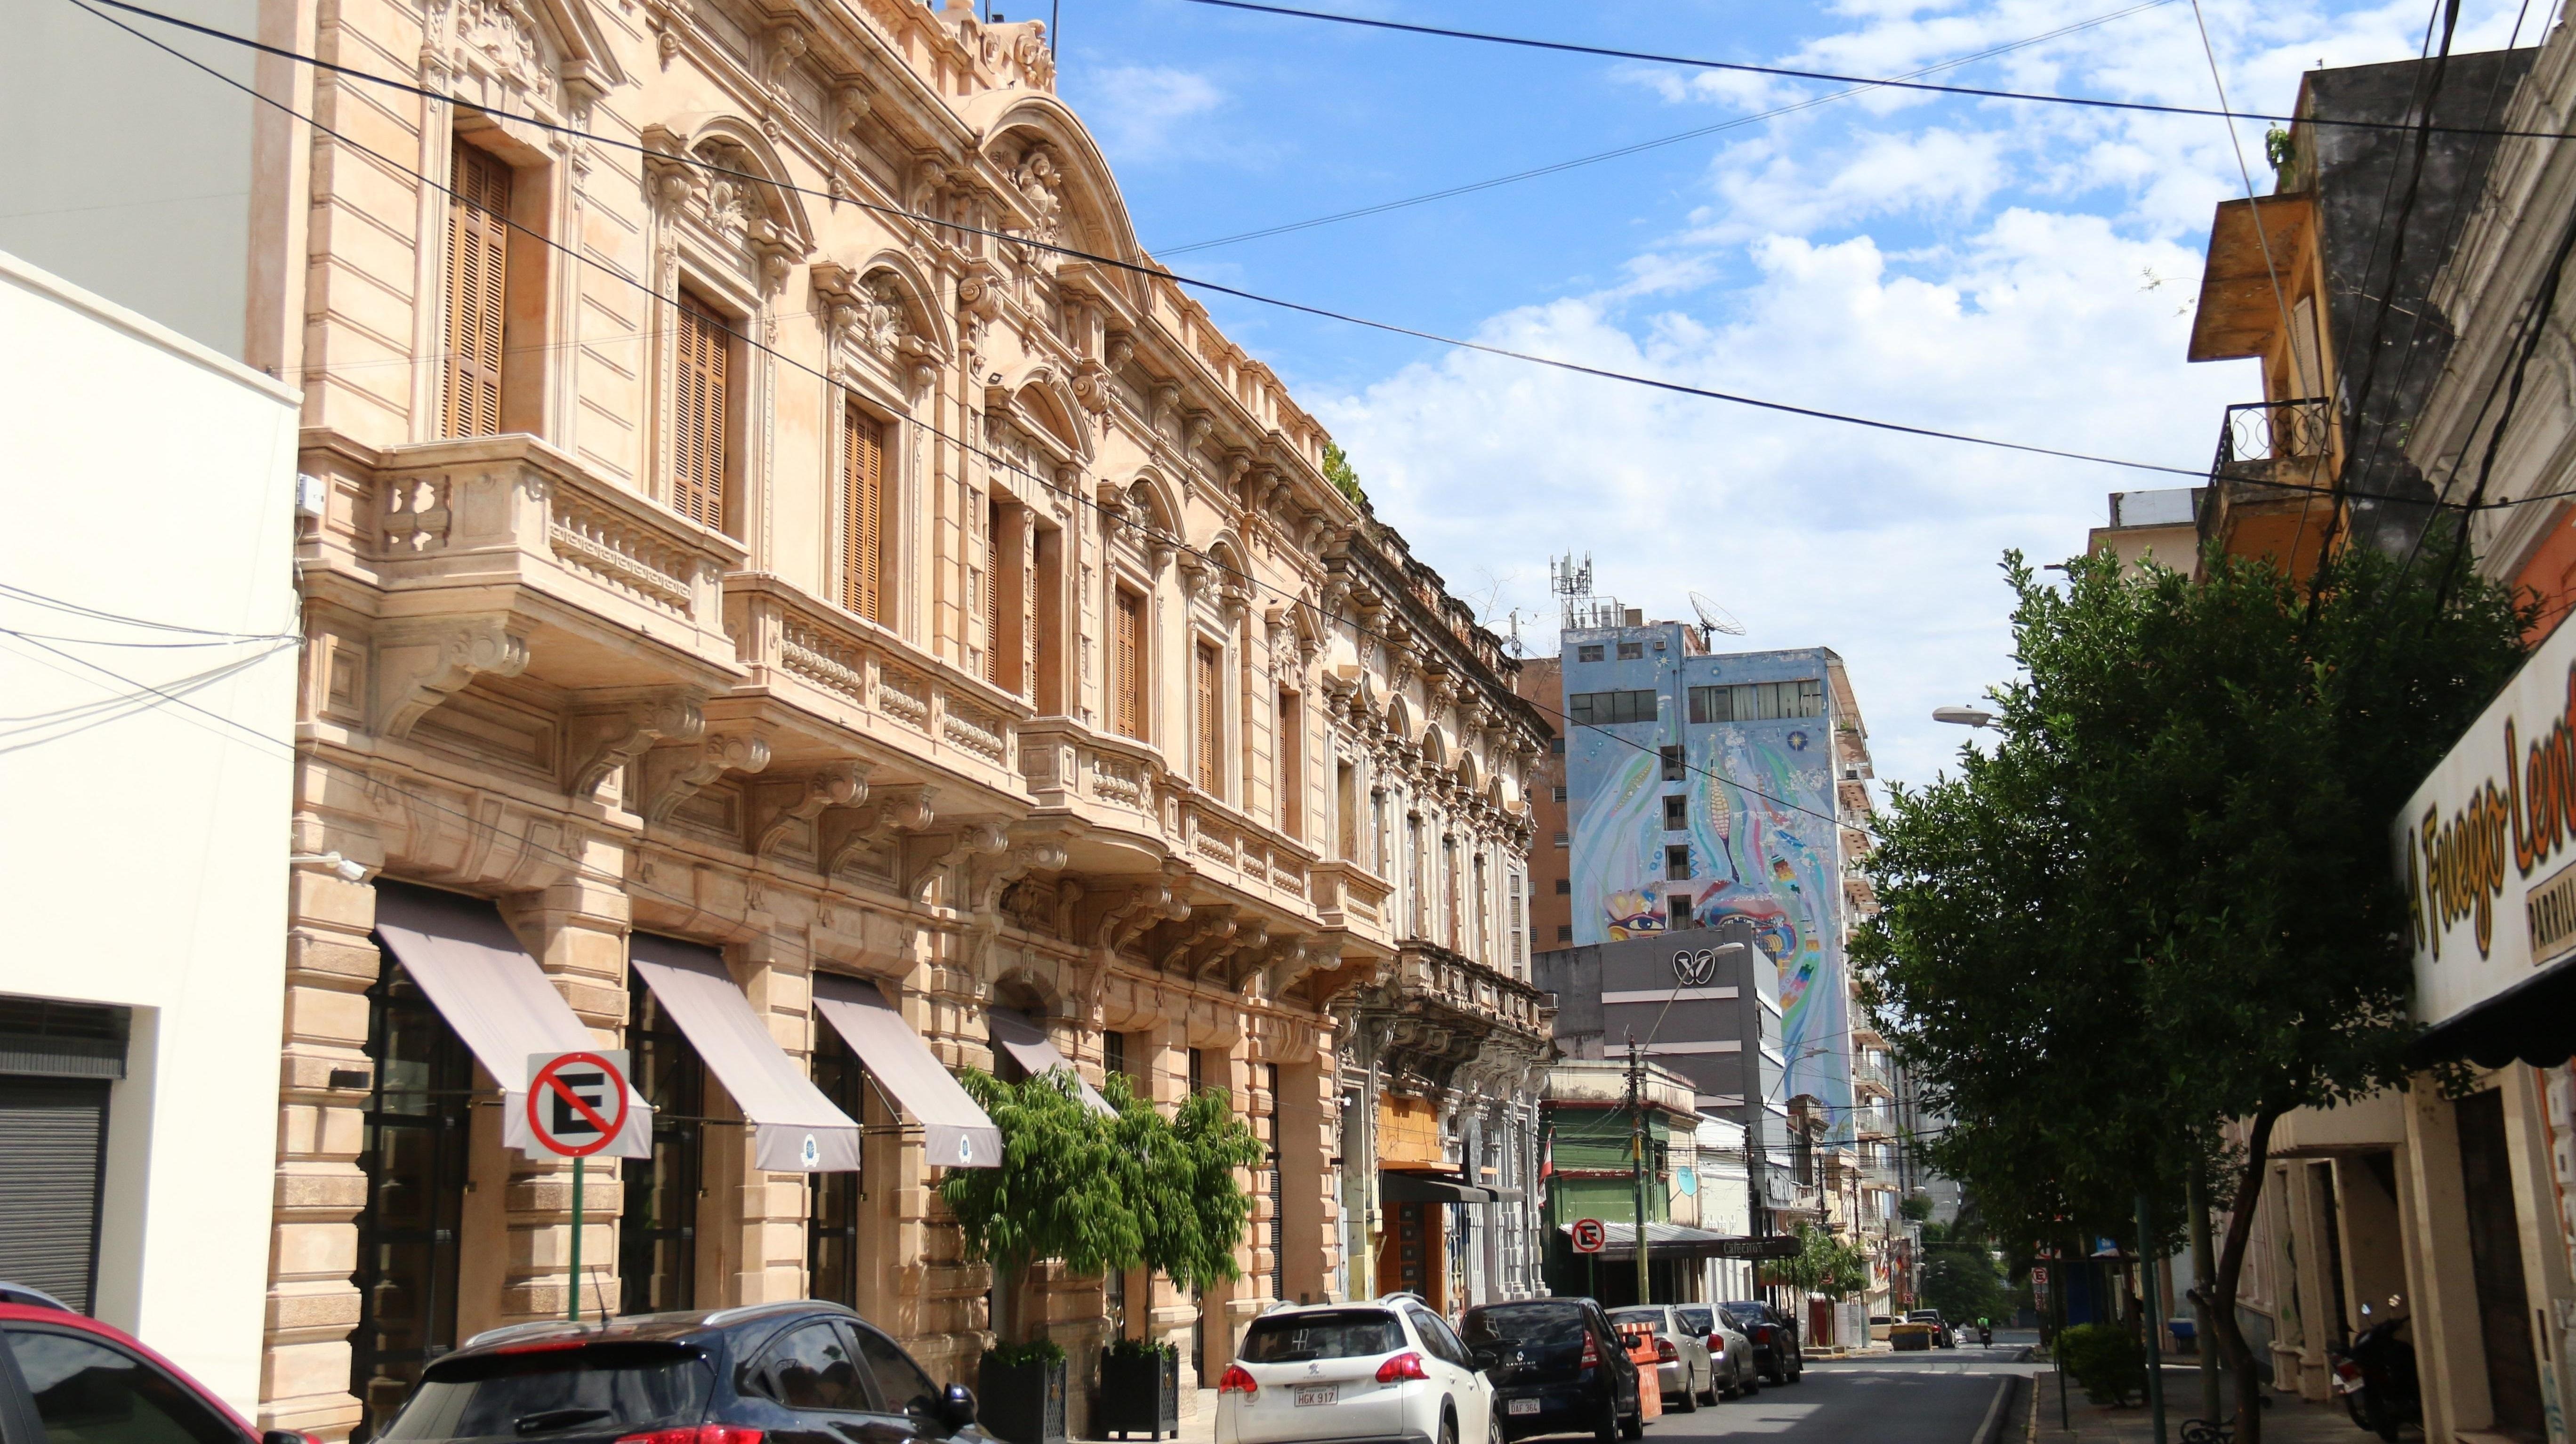 Vista del exterior del Hotel Palmaroga, donde el exfutbolista brasileño Ronaldinho Gaúcho y su hermano cumplen su segundo día de arresto domiciliario, este miércoles, en el centro de Asunción. /EFE